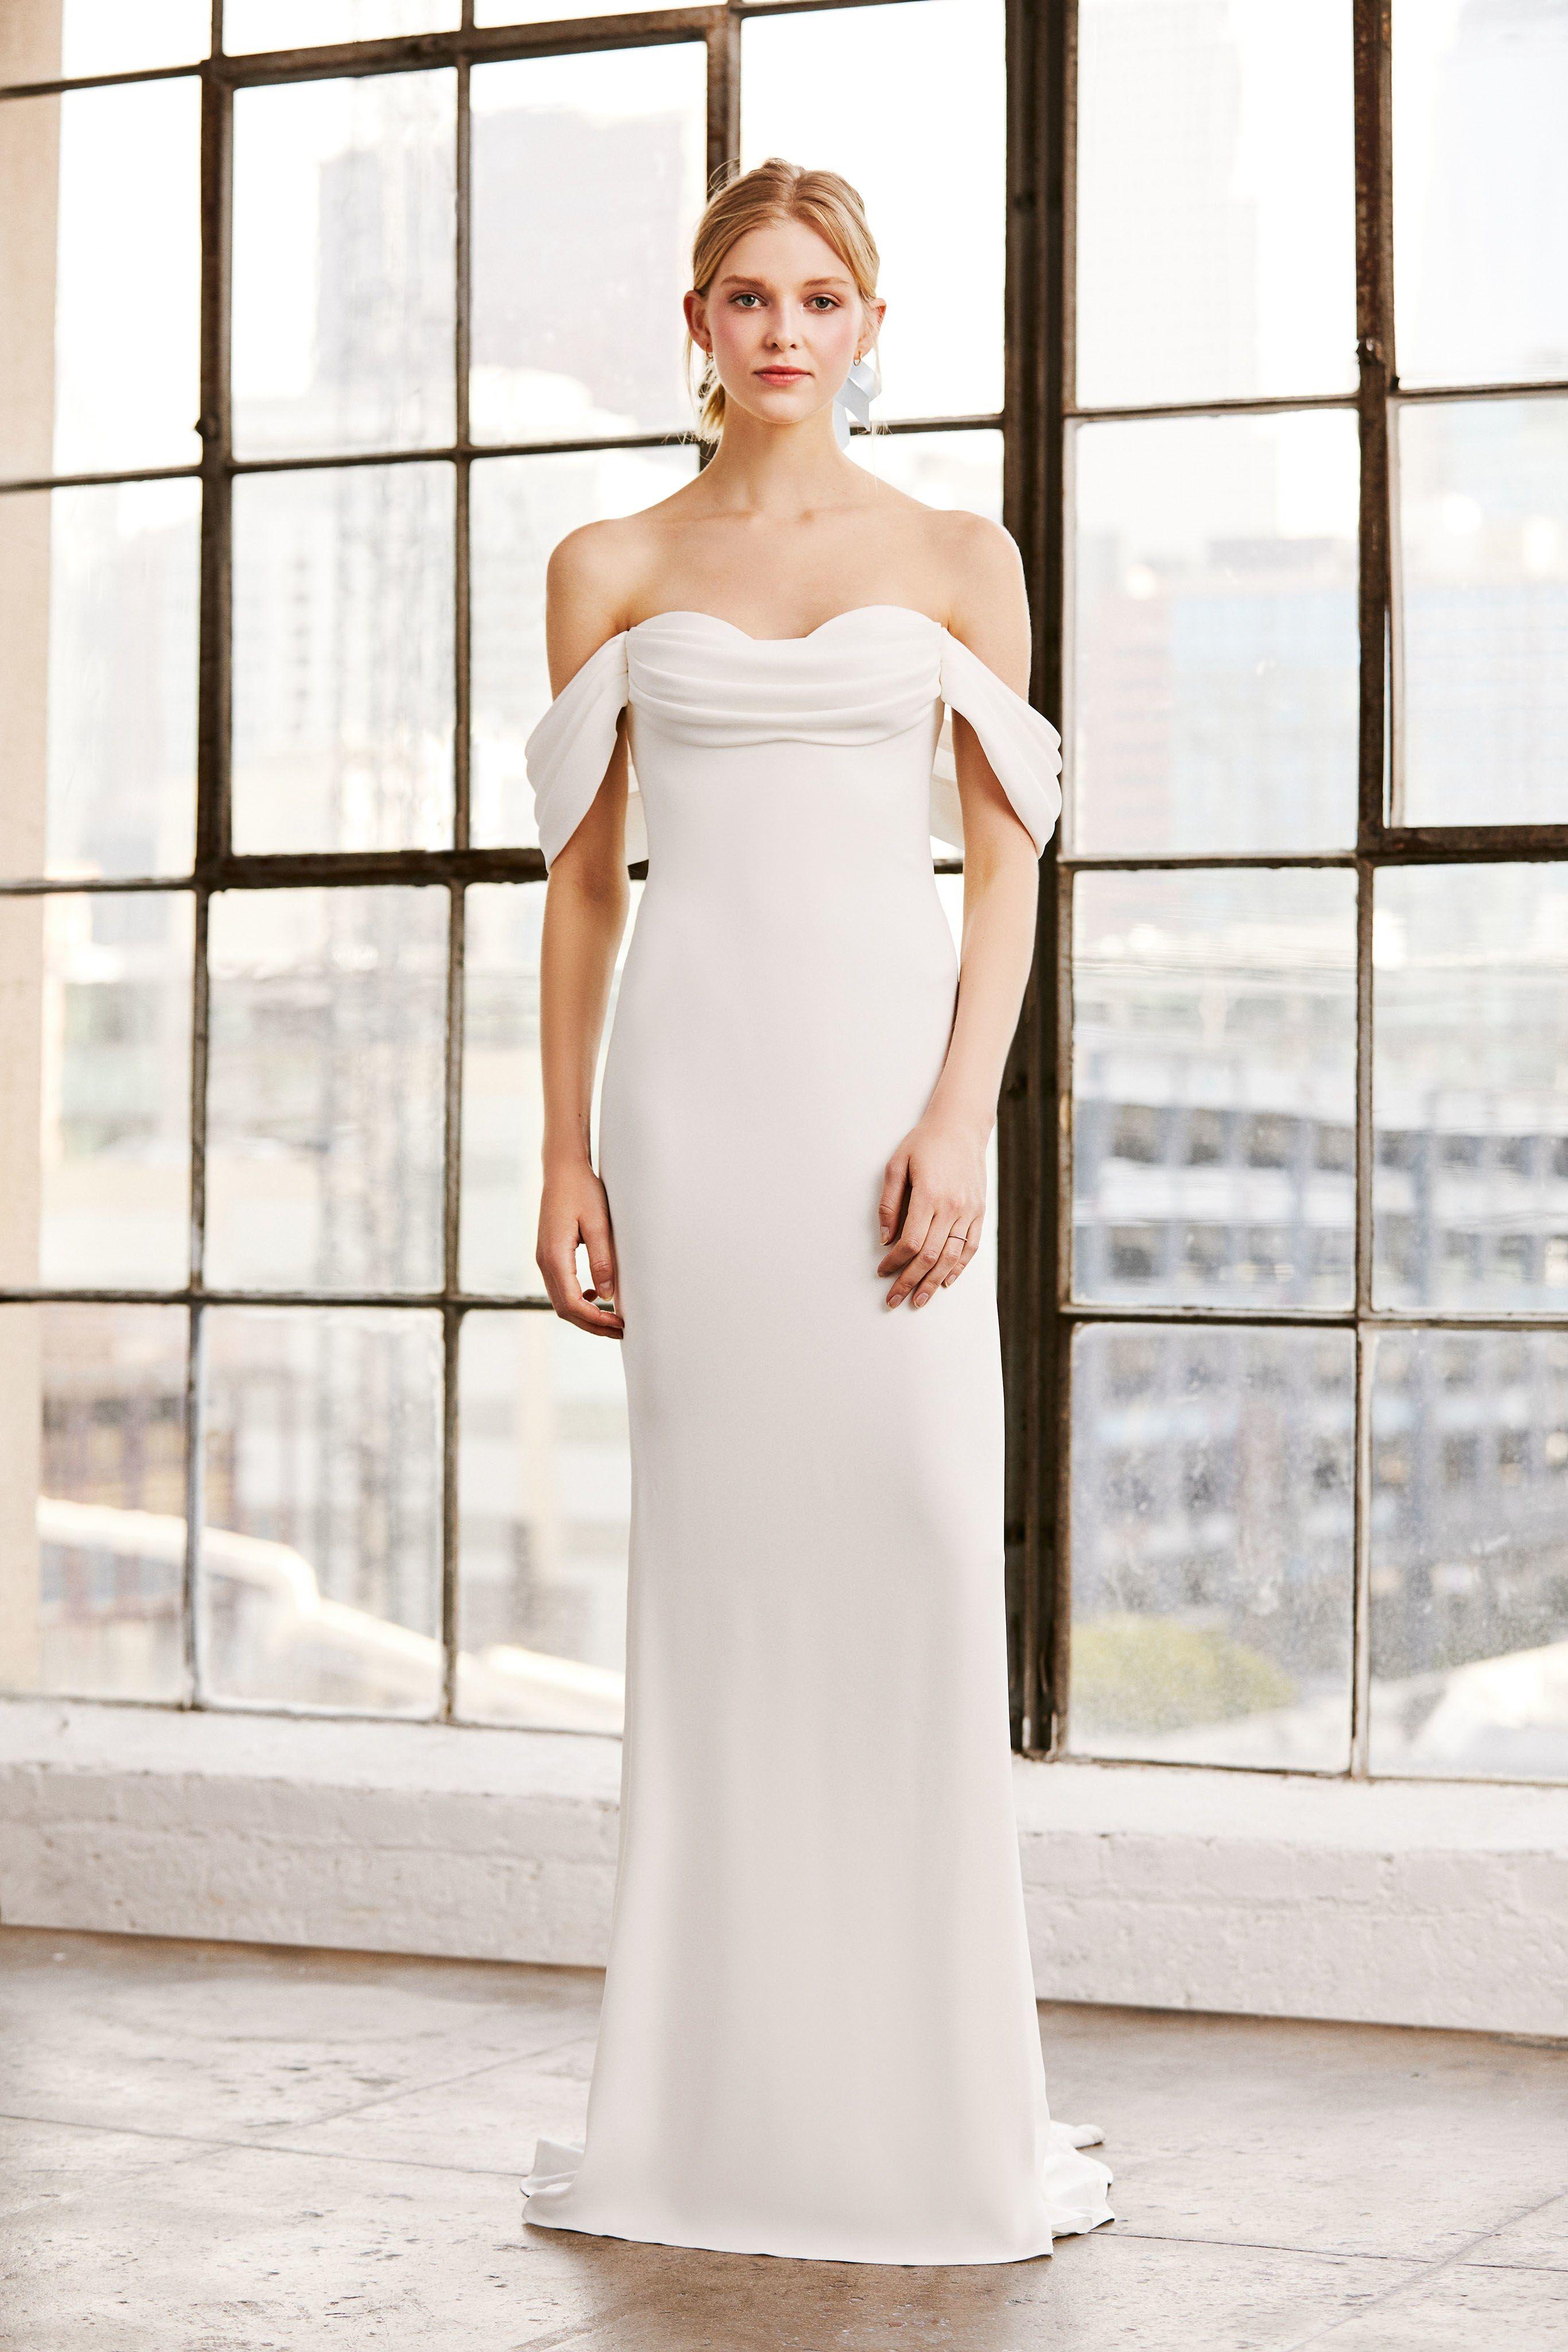 50f43df9fa7 Tadashi Shoji Bridal Spring 2019 Fashion Show in 2018